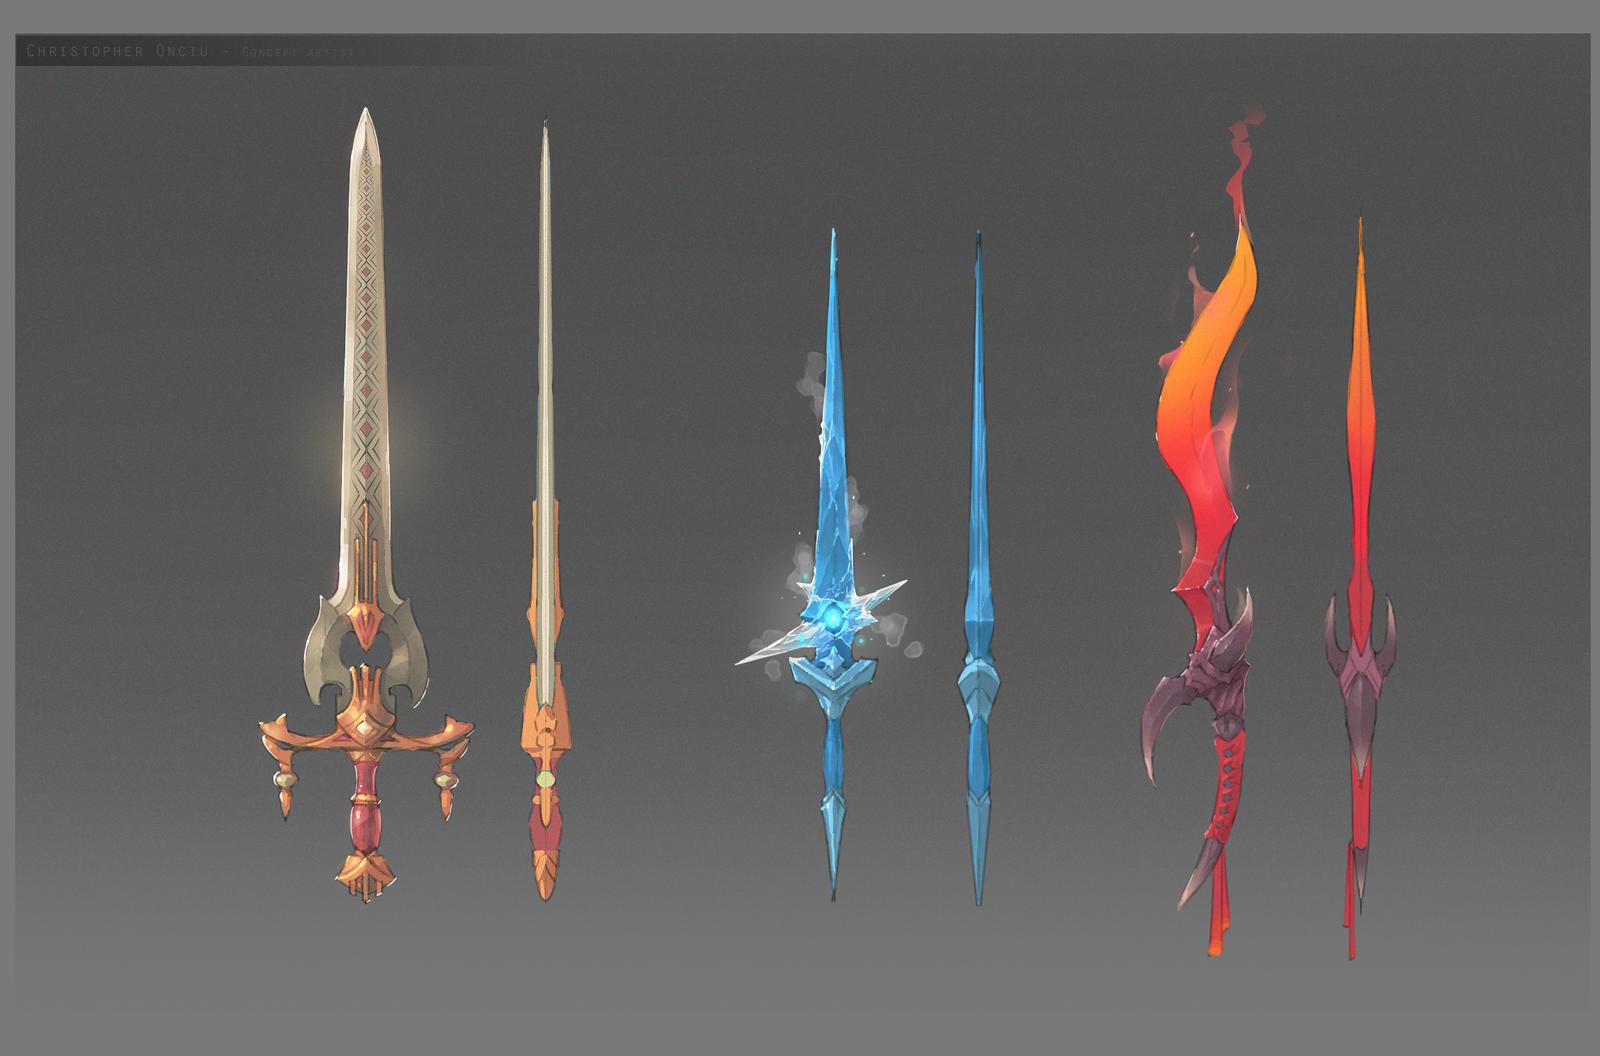 weaponry by ChristopherOnciu